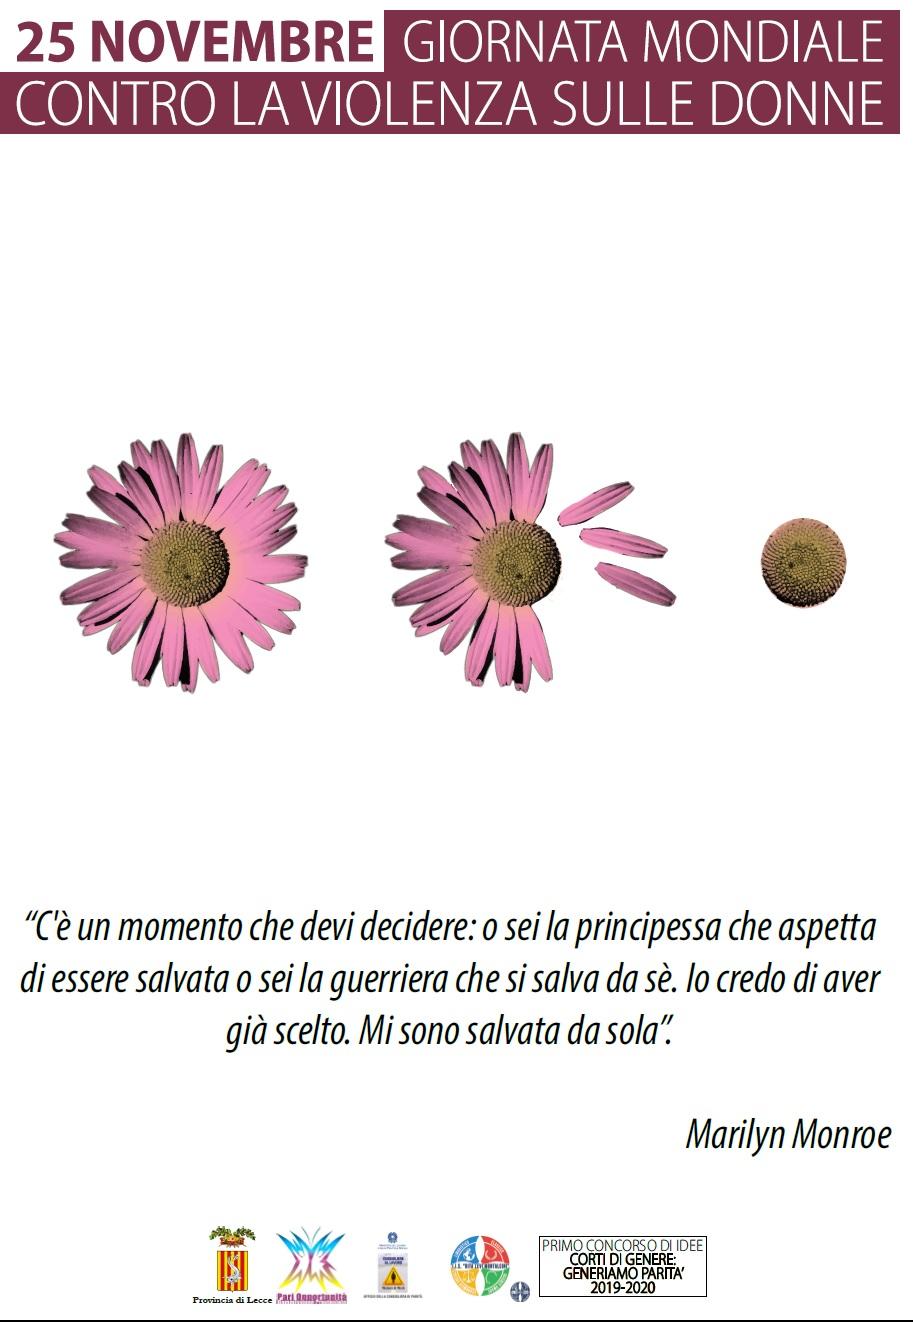 25 novembre Giornata contro violenza donne